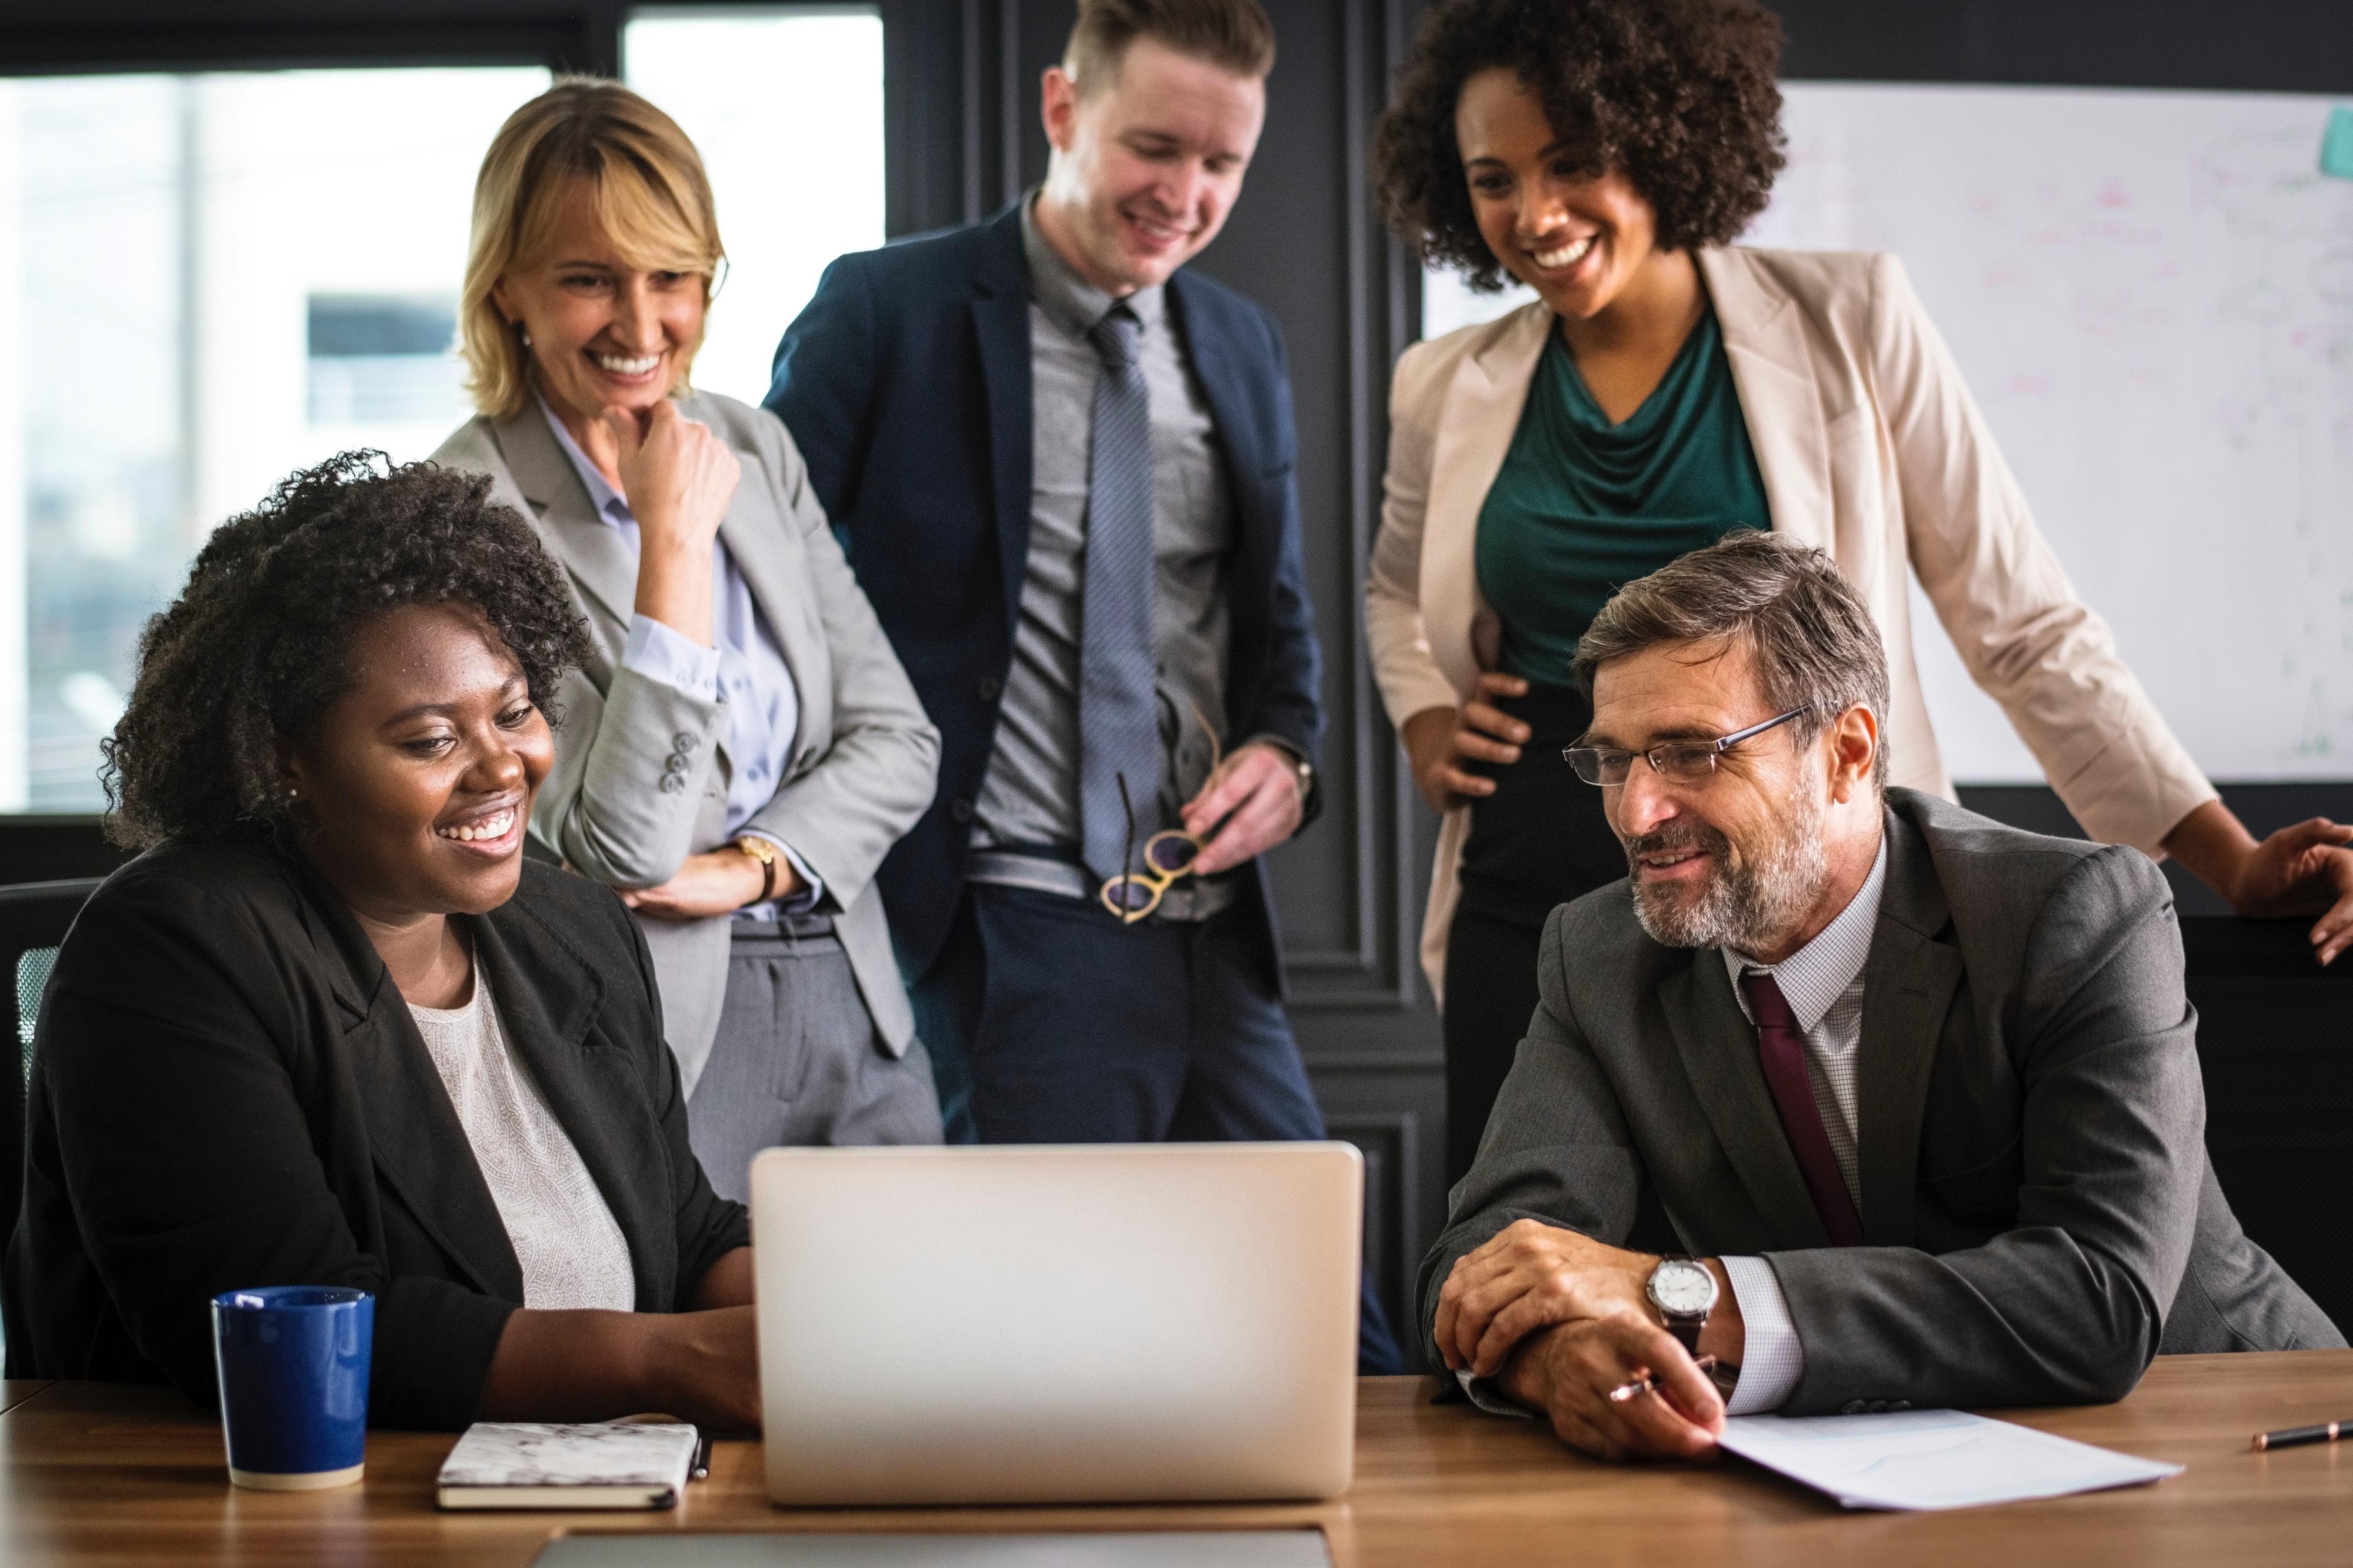 職場での円滑なコミュニケーションを促す為の前提とその方法。